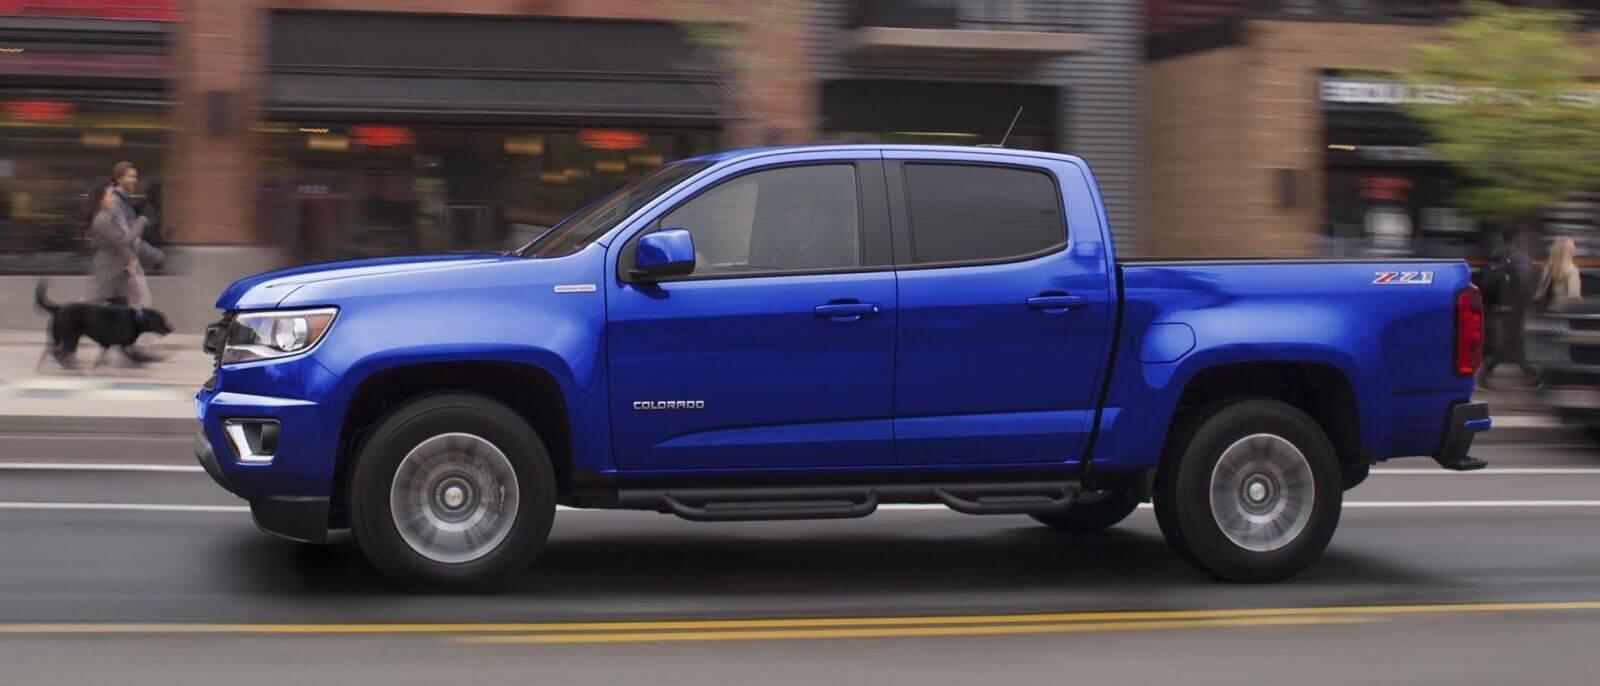 2017 Chevrolet Colorado blue exterior mode, side view